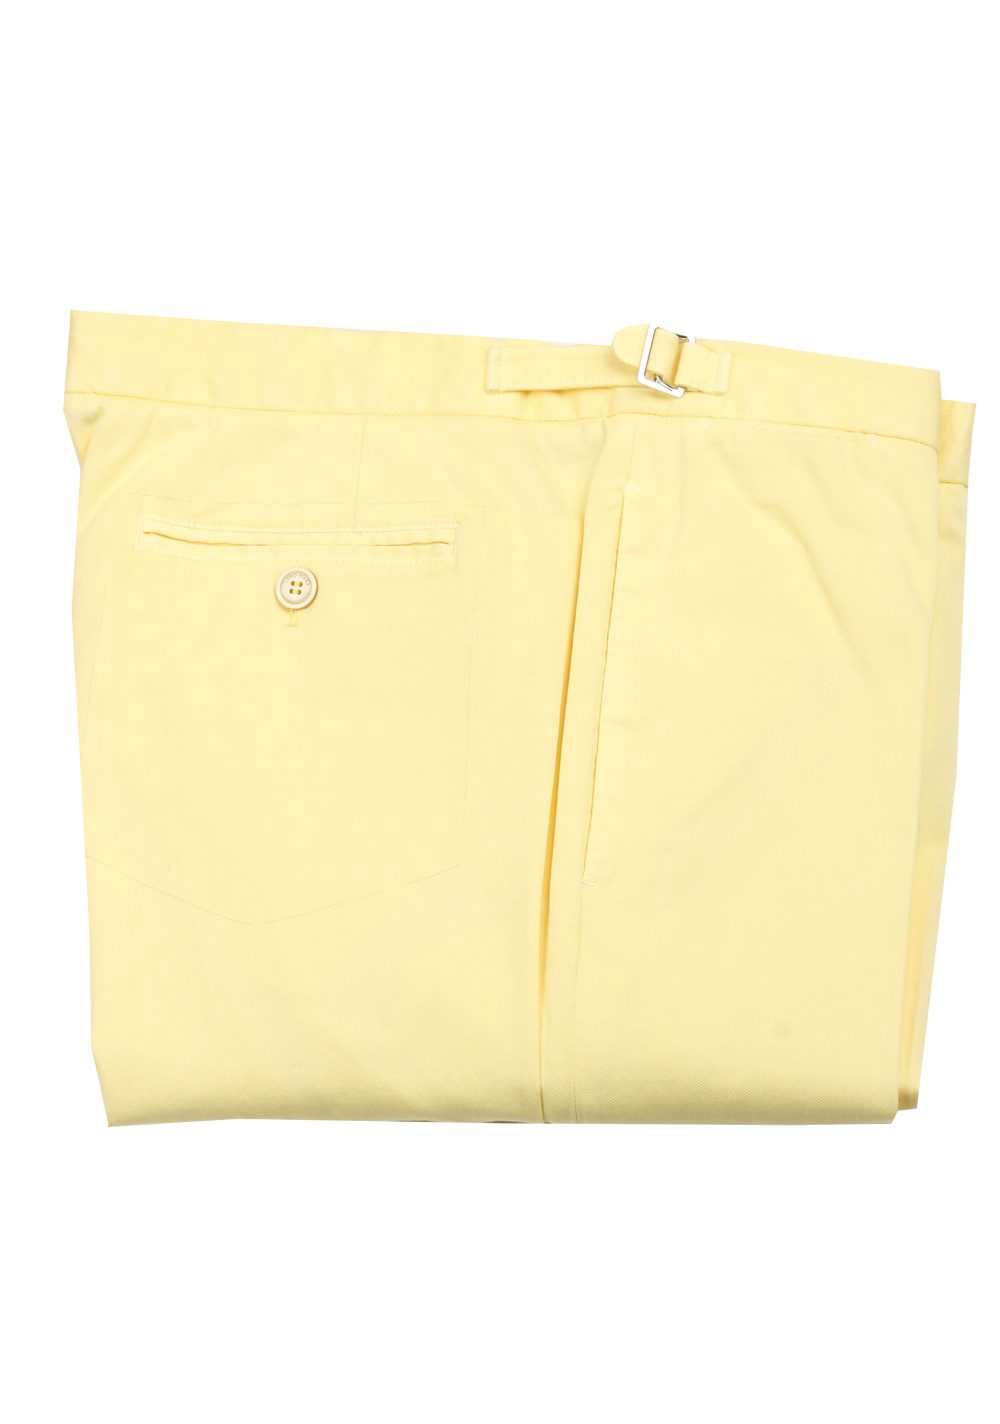 Loro Piana Yellow Trousers Size 48 / 32 U.S. | Costume Limité